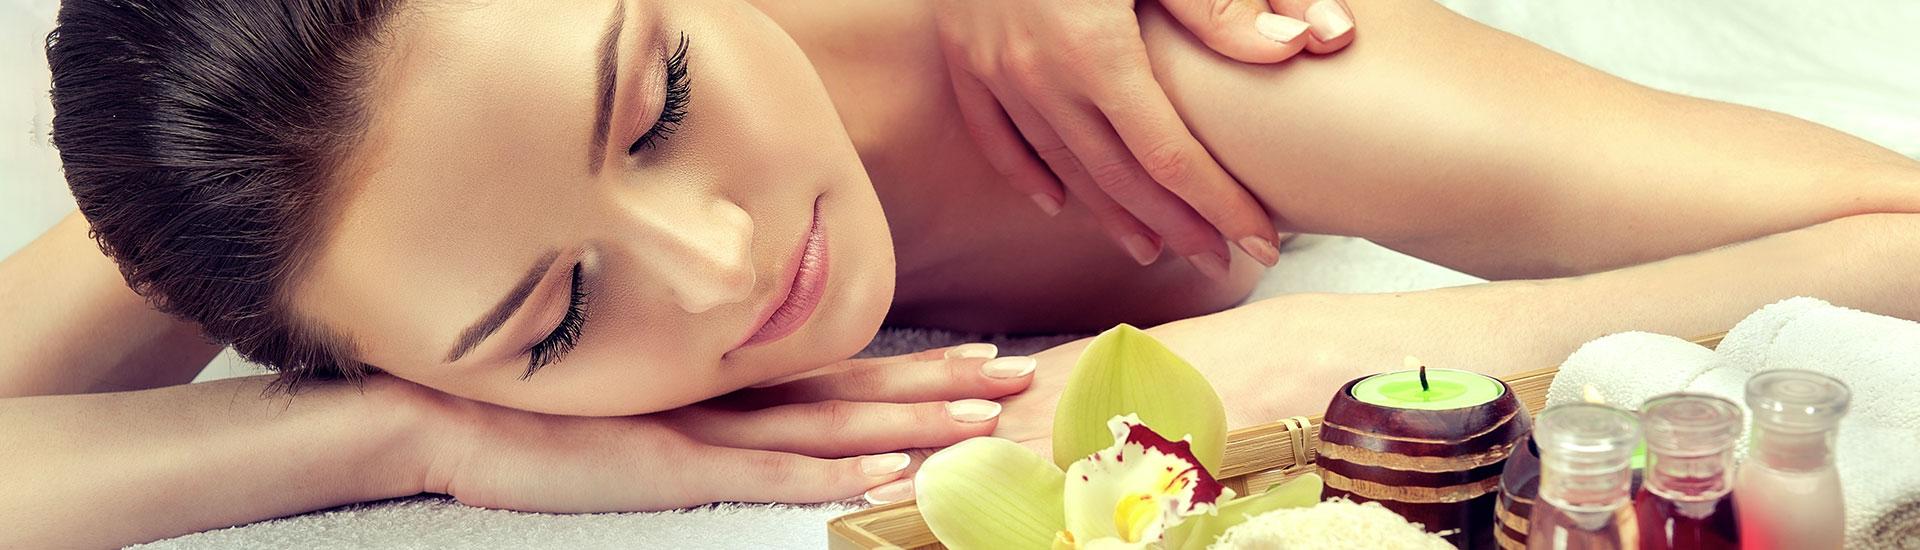 massaggi-centro-estetico-roma